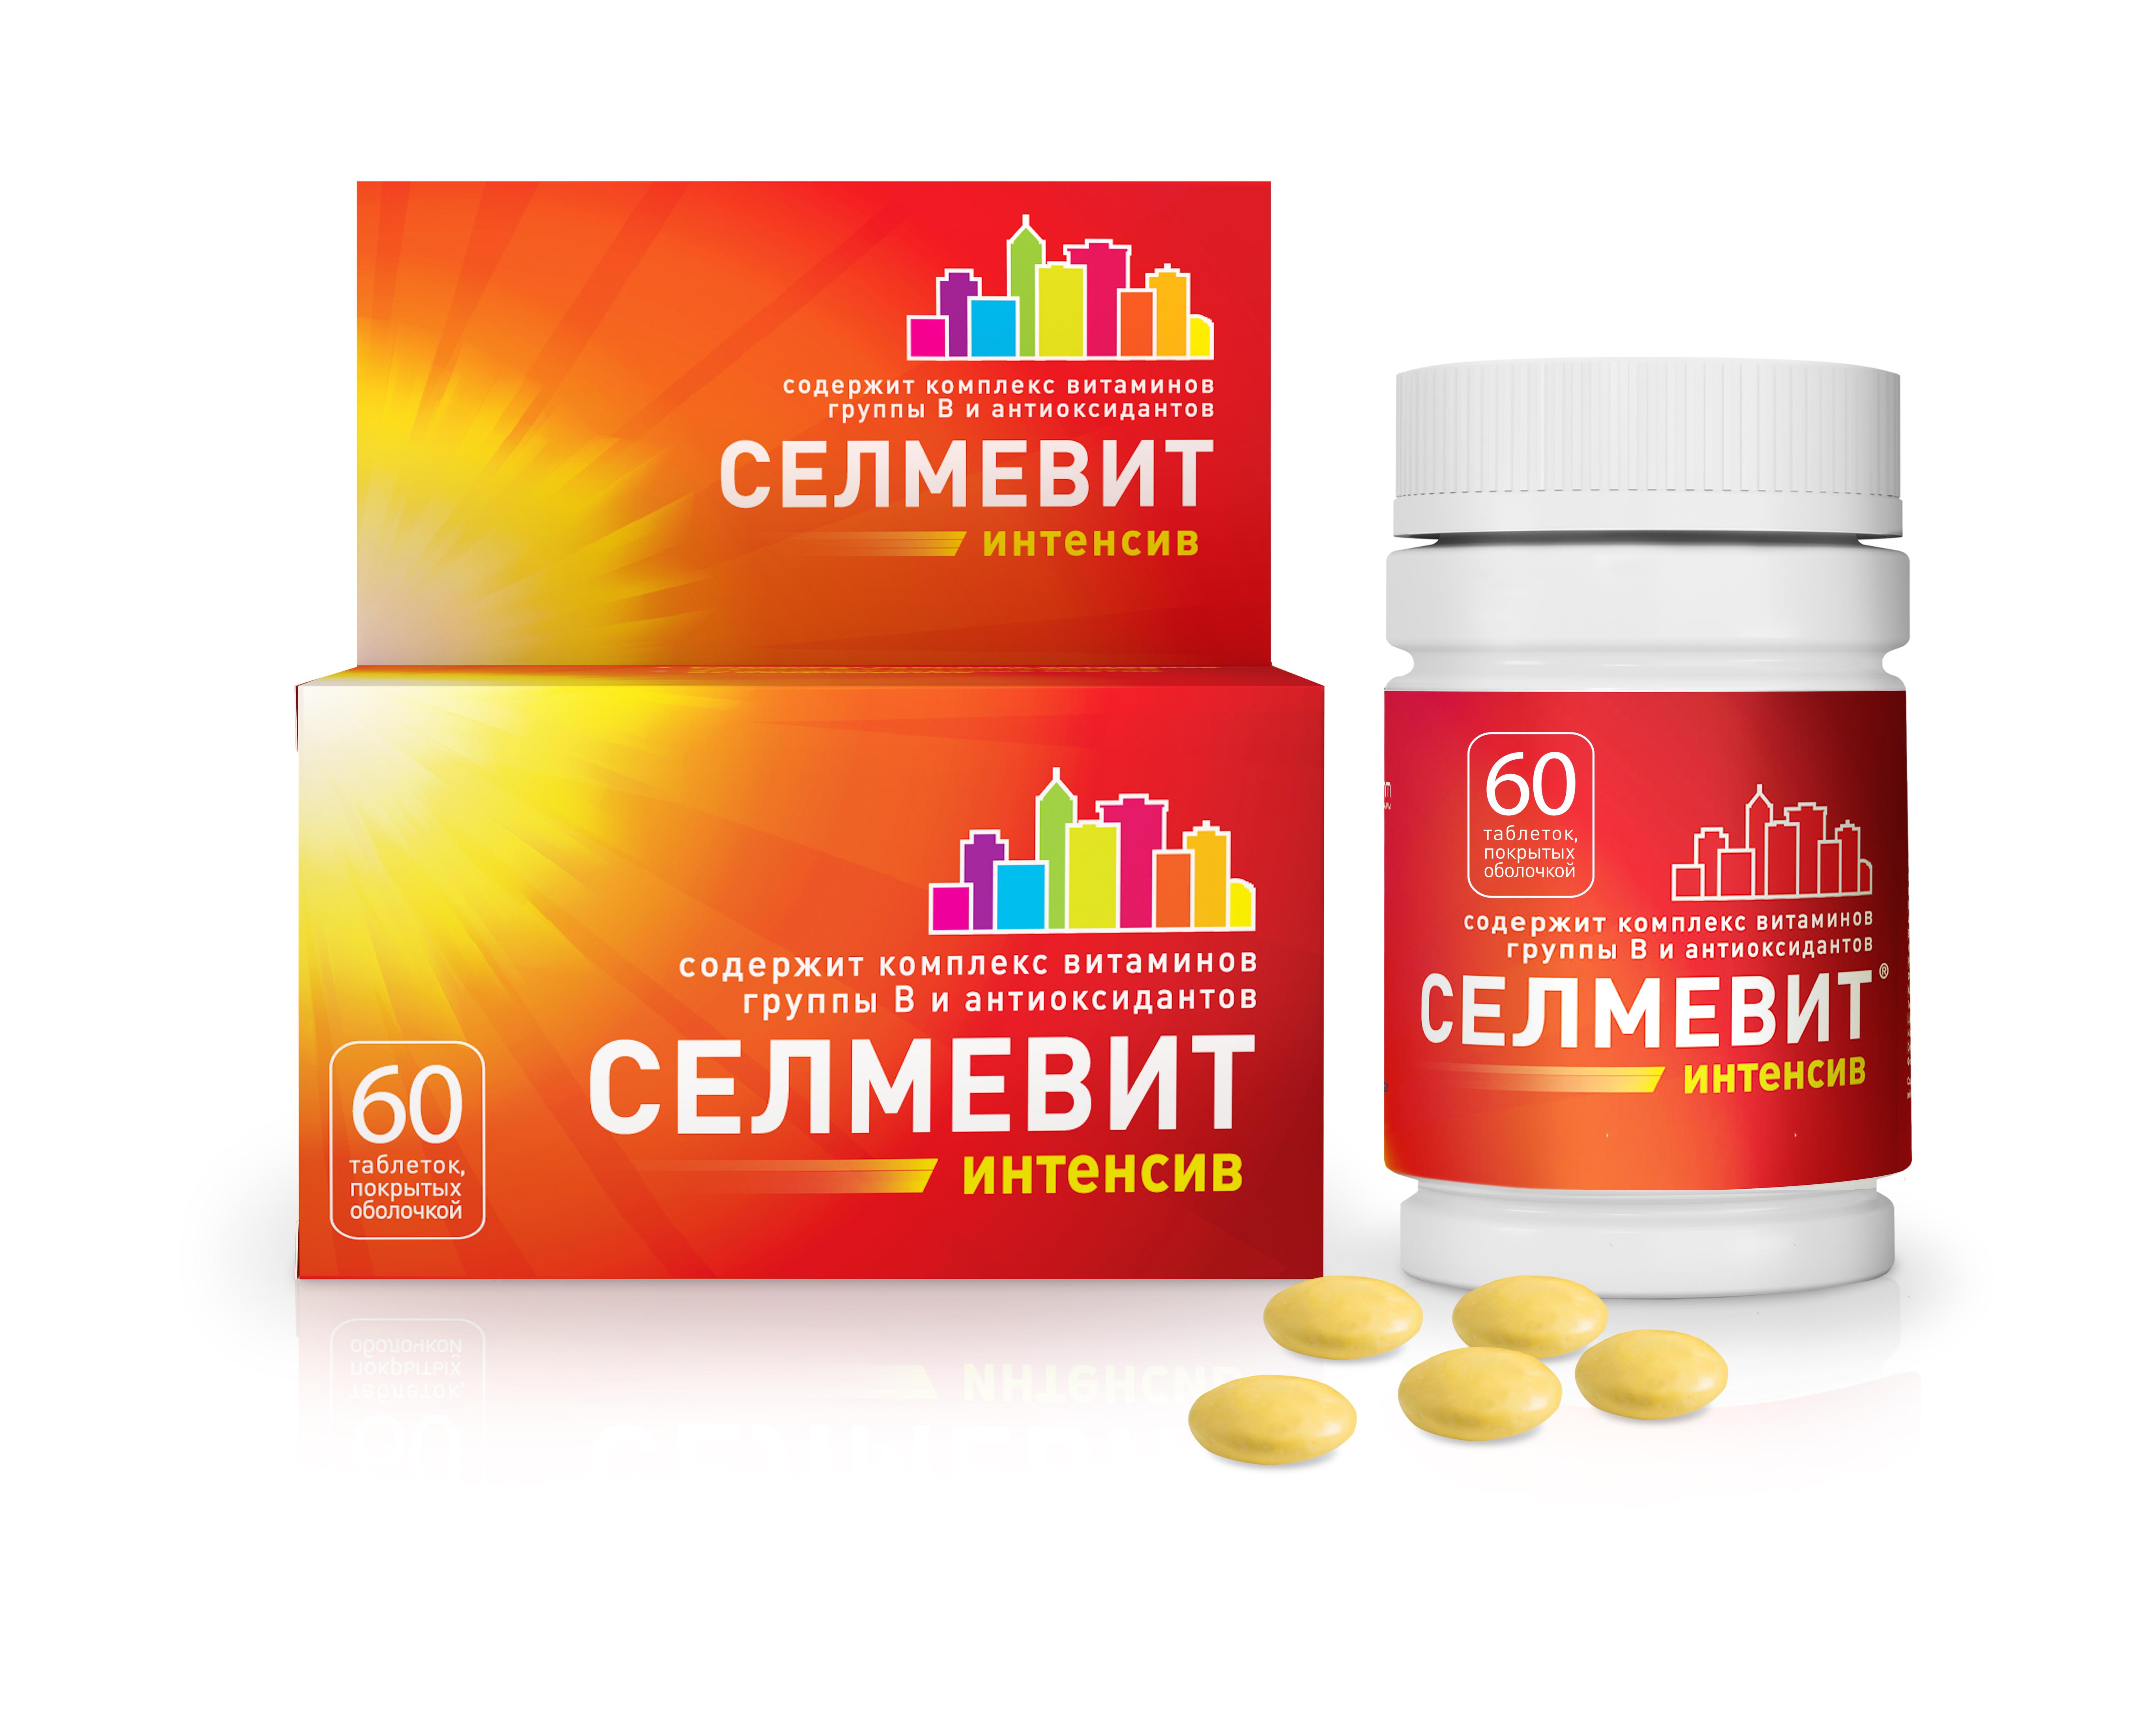 Селмевит Интенсив таблетки, покрытые оболочкой 60 шт.